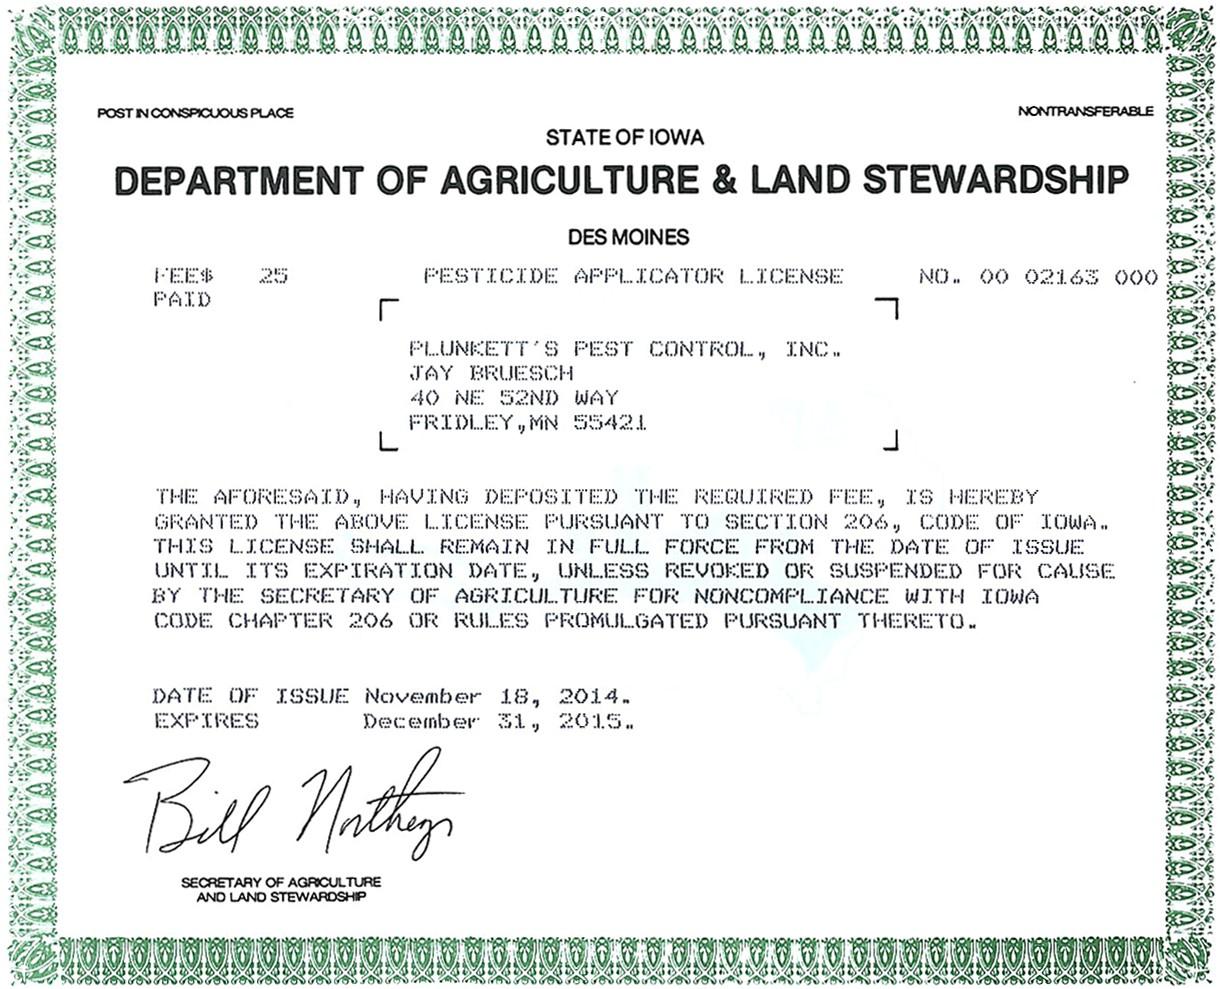 iowa pest control license pictures